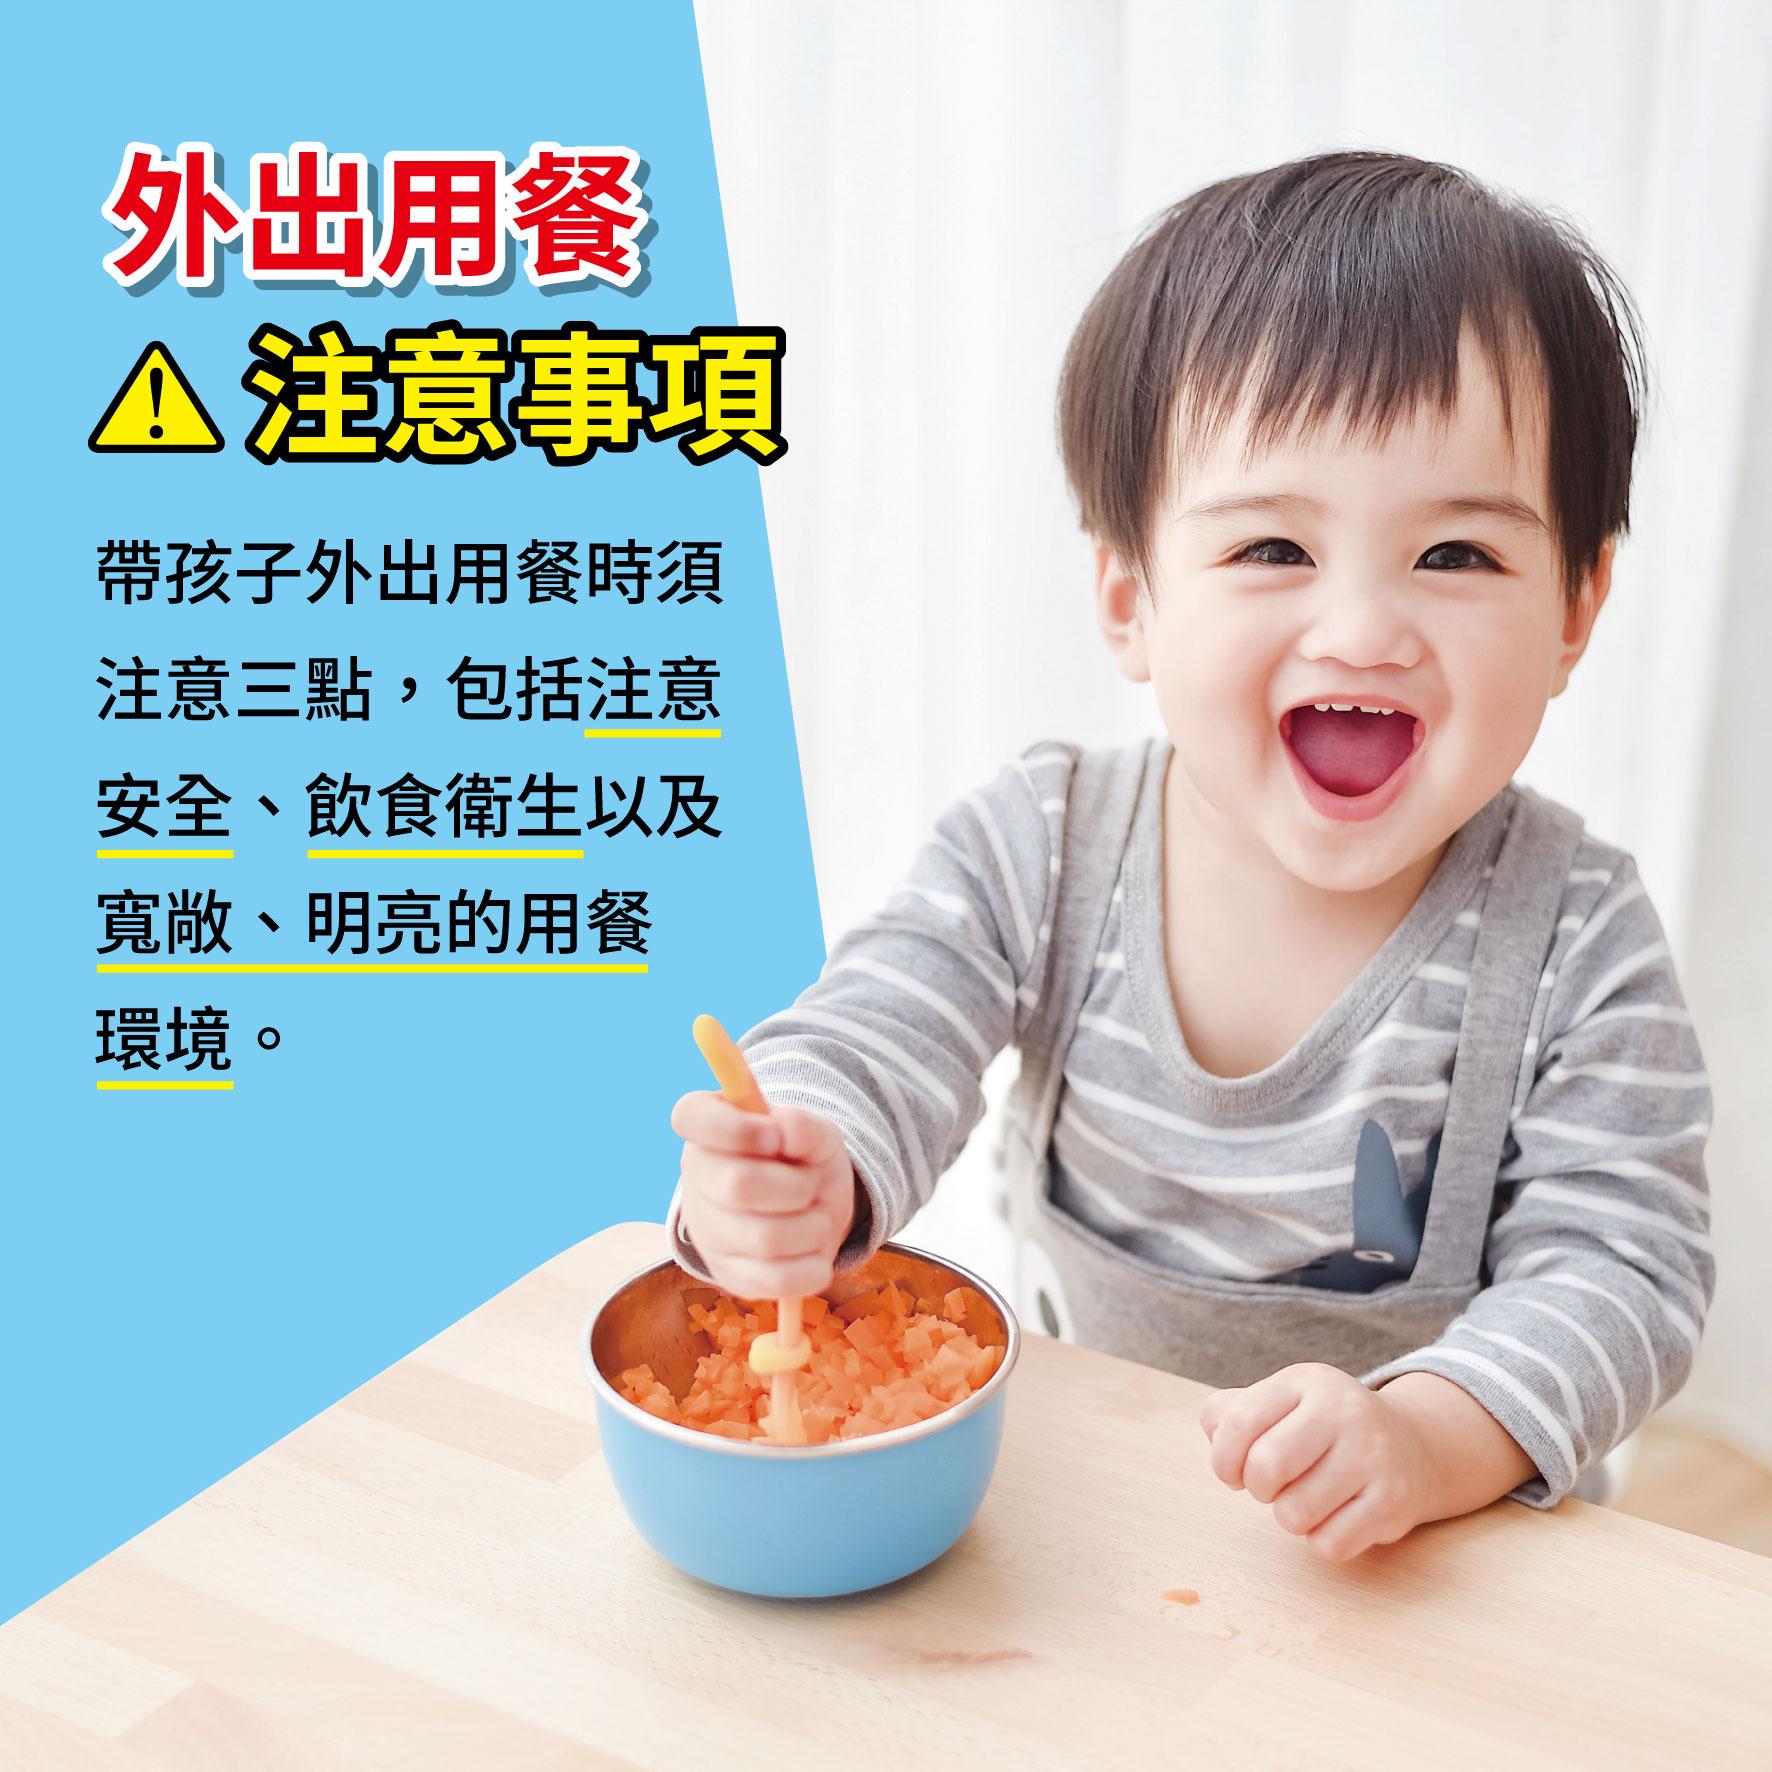 幼兒3歲 (第32週)外出用餐 注意事項